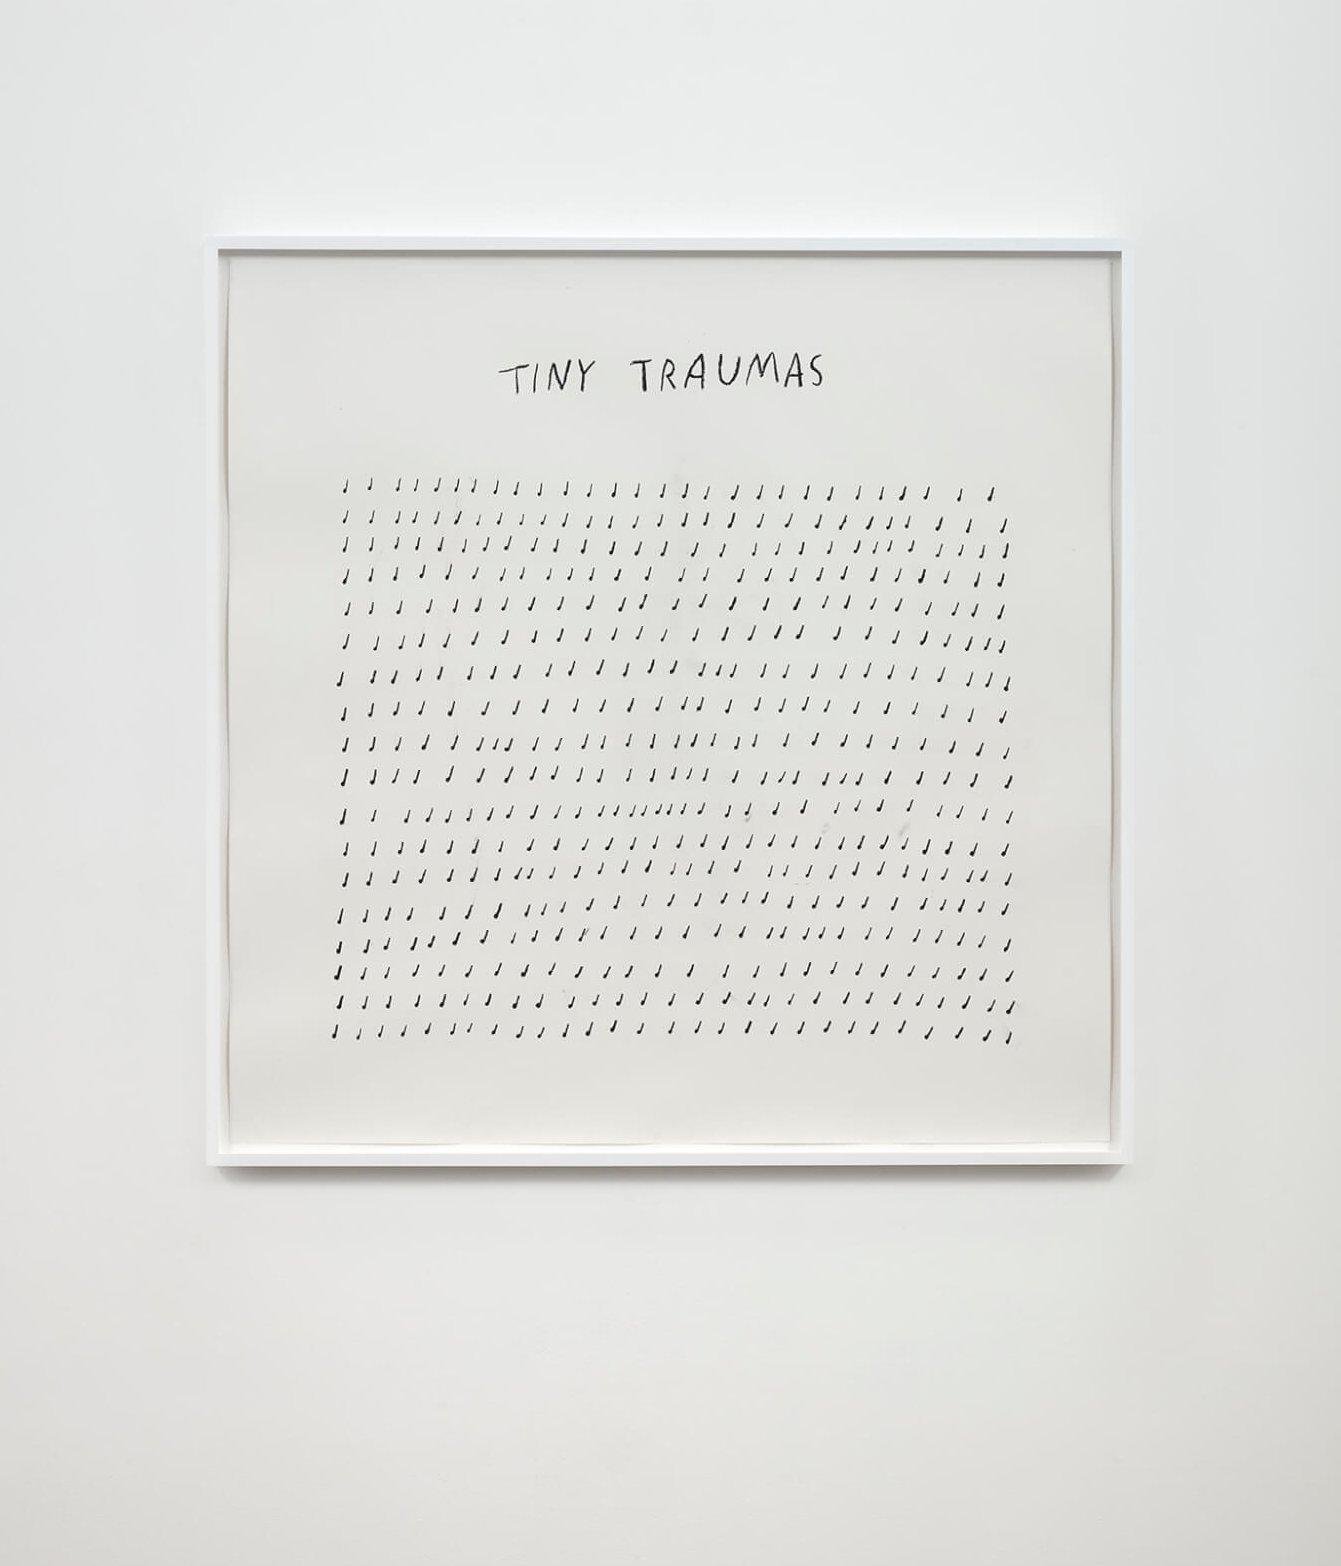 Kim, Tiny Traumas, 2020 (CSK 20.041) B